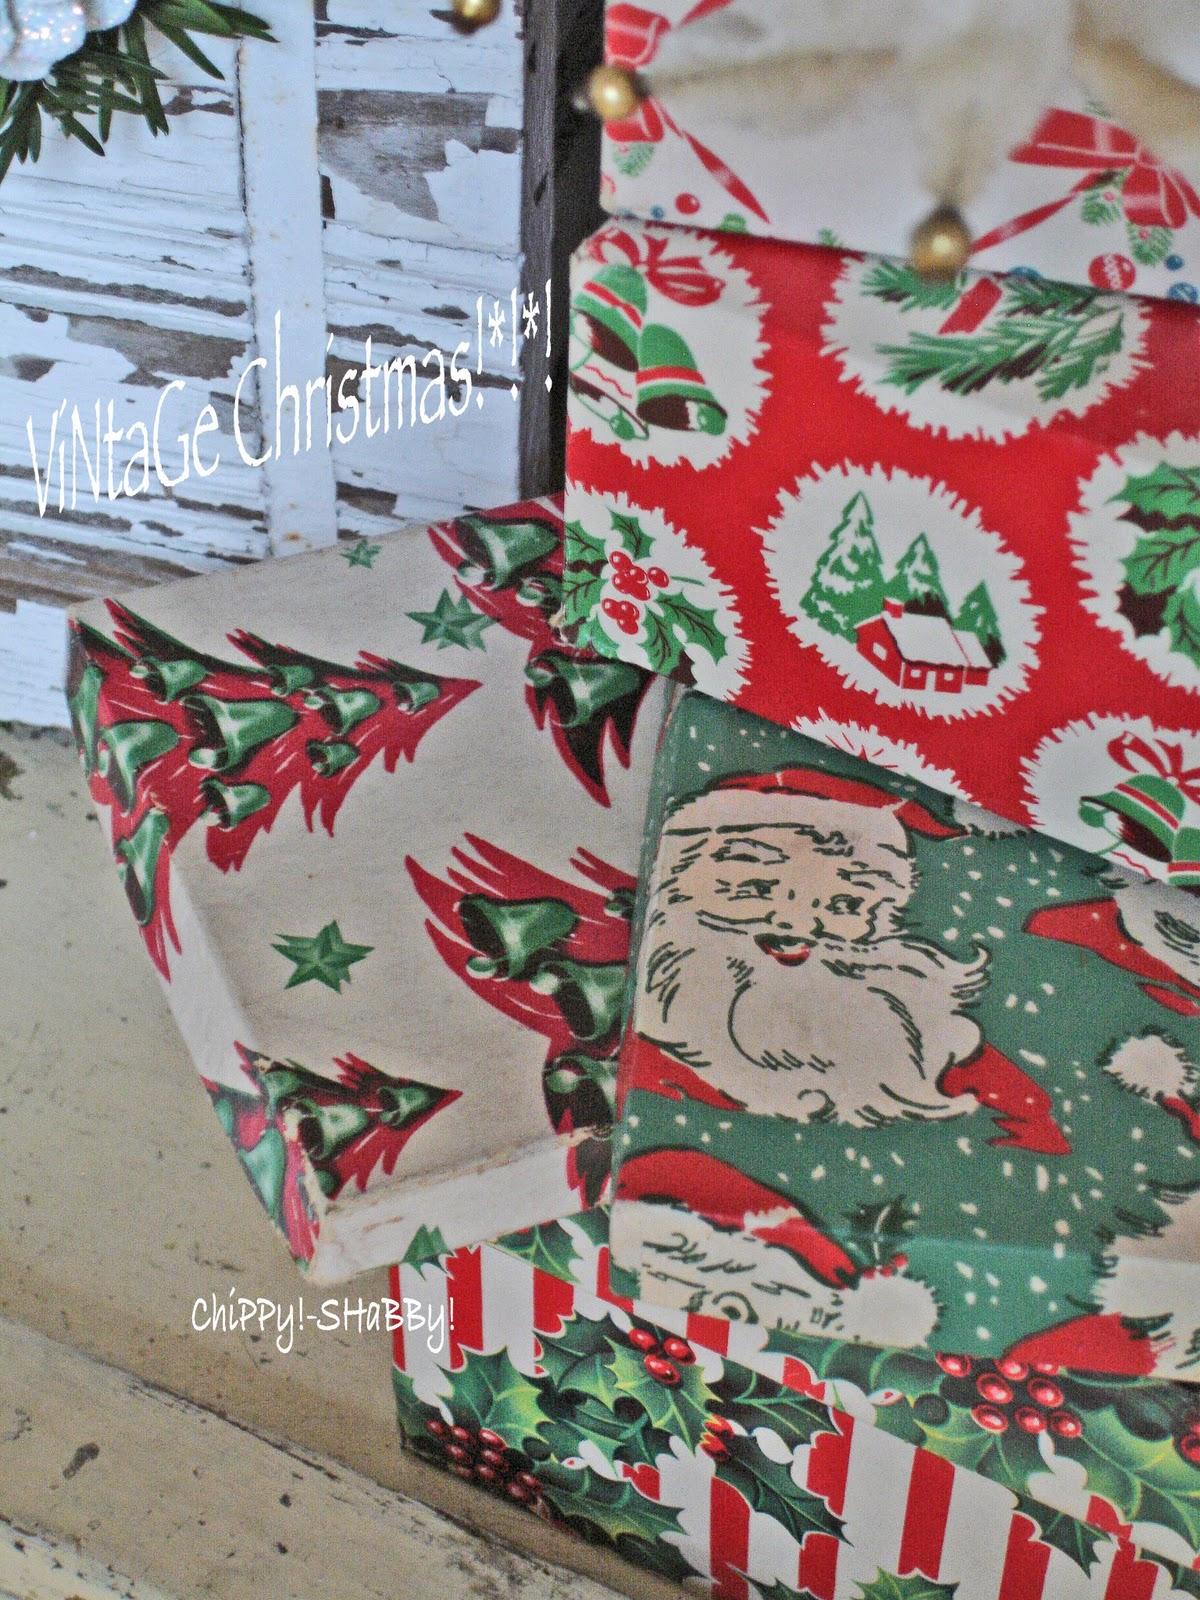 http://4.bp.blogspot.com/-T_orwHpSkHo/Tutbdkaah1I/AAAAAAAAFWY/HF-lxblNp6s/s1600/closeup-christmas+graphics.jpg